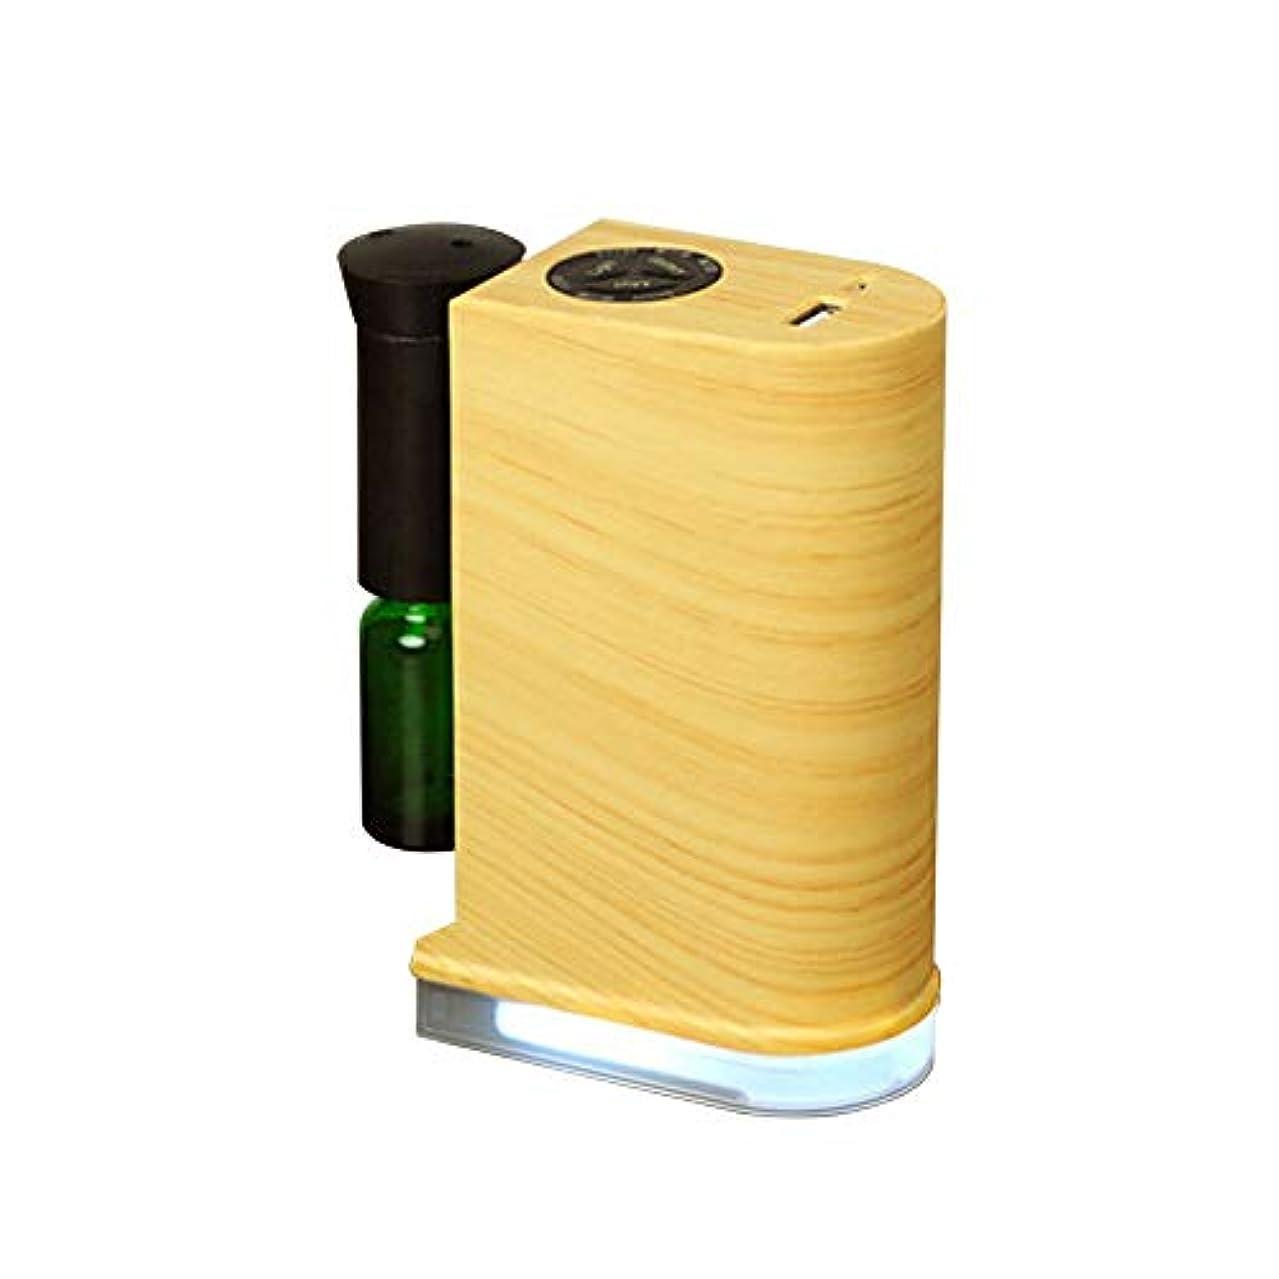 健康十代の若者たちブラケットアロマディフューザー 木目調 ネブライザー式 USBポート付き 癒しの空間 卓上 アロマライト アロマオイル スマホ充電可能 オフィス リビング ナチュラル